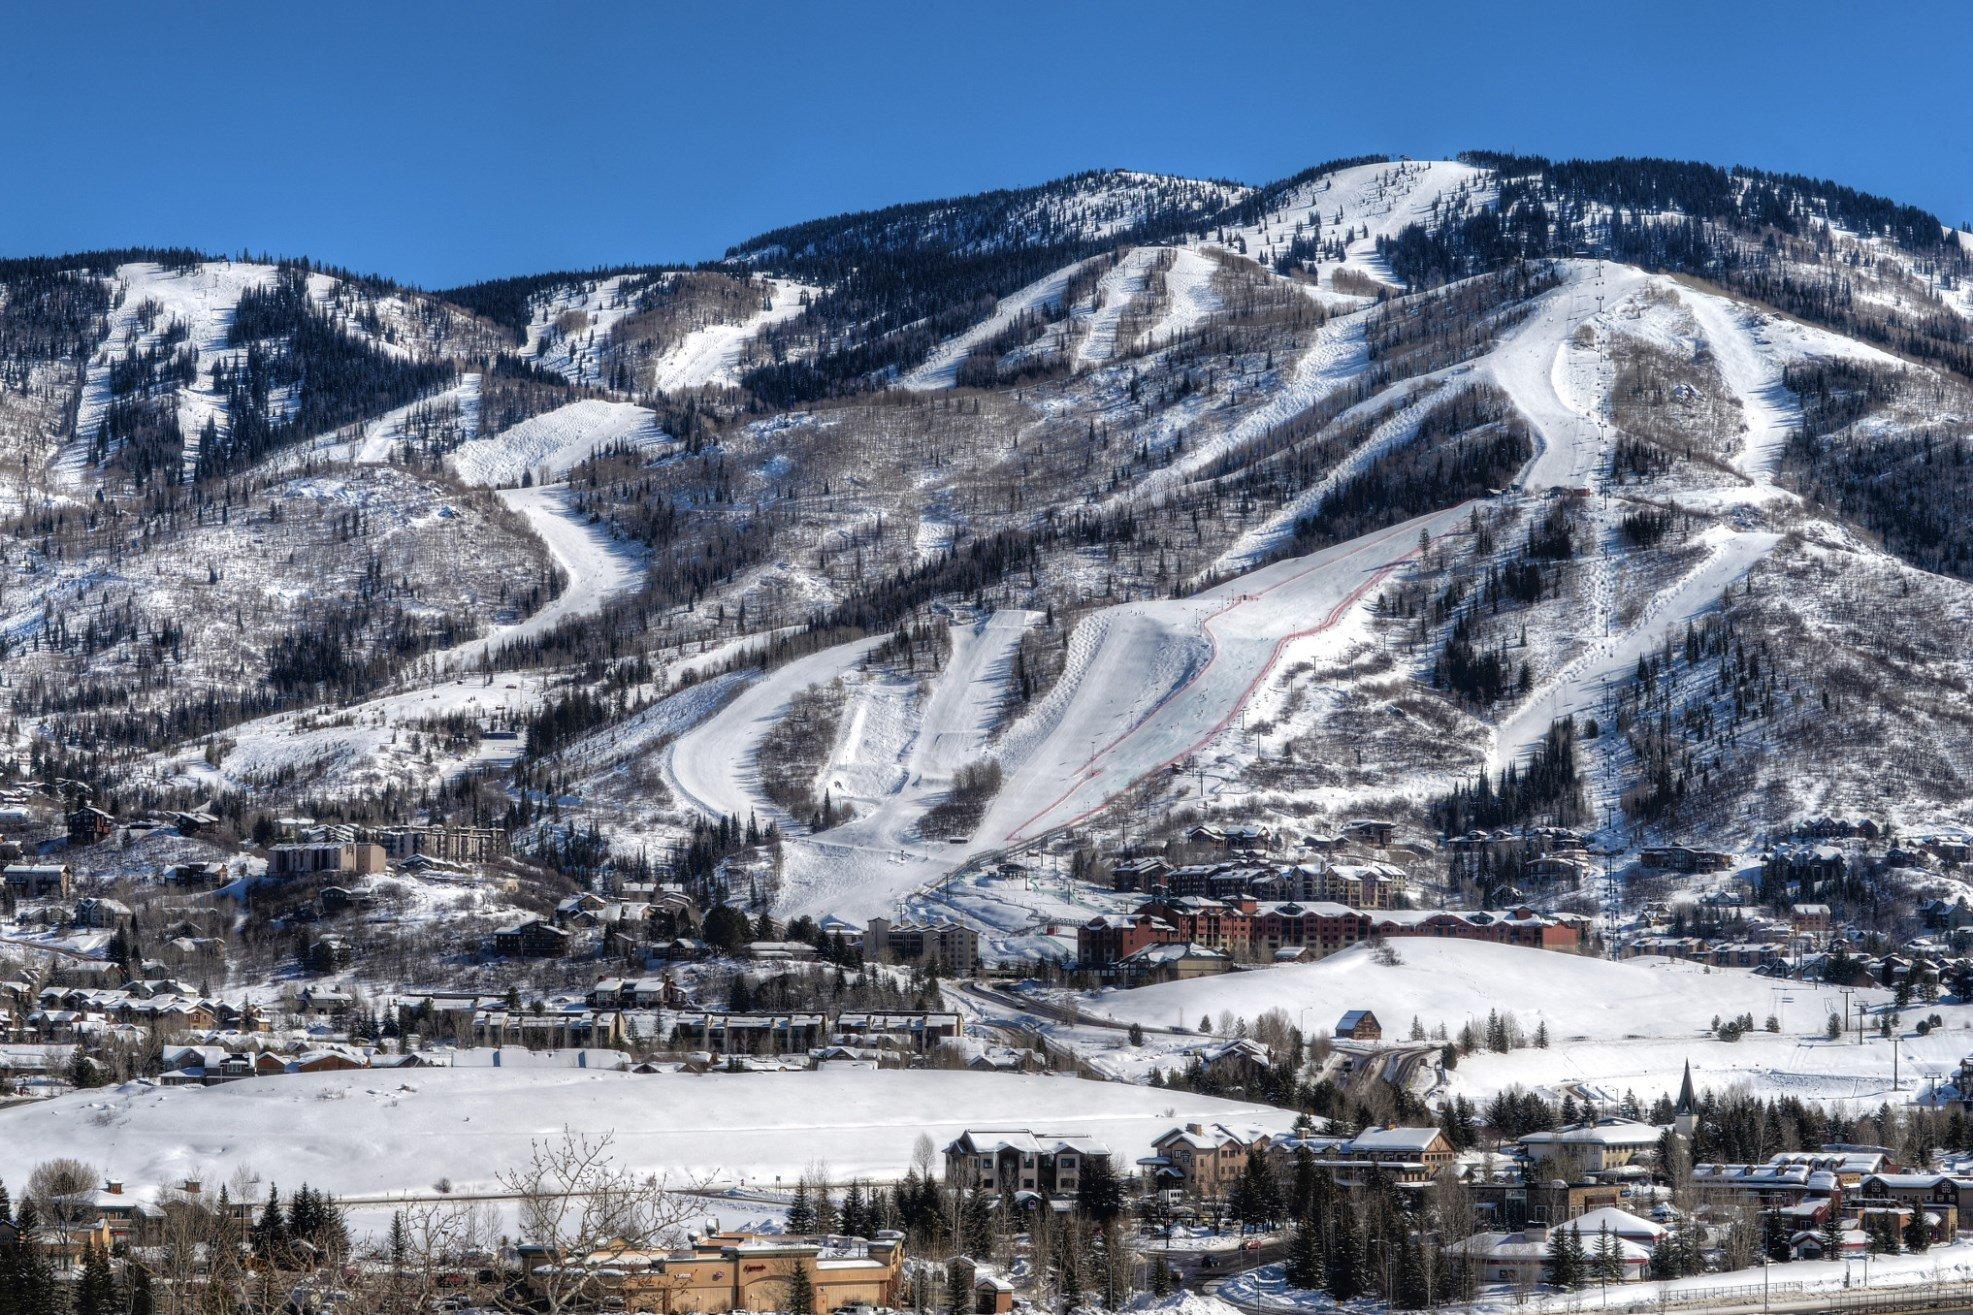 2019-2-10-sb-ski resort9992.jpg